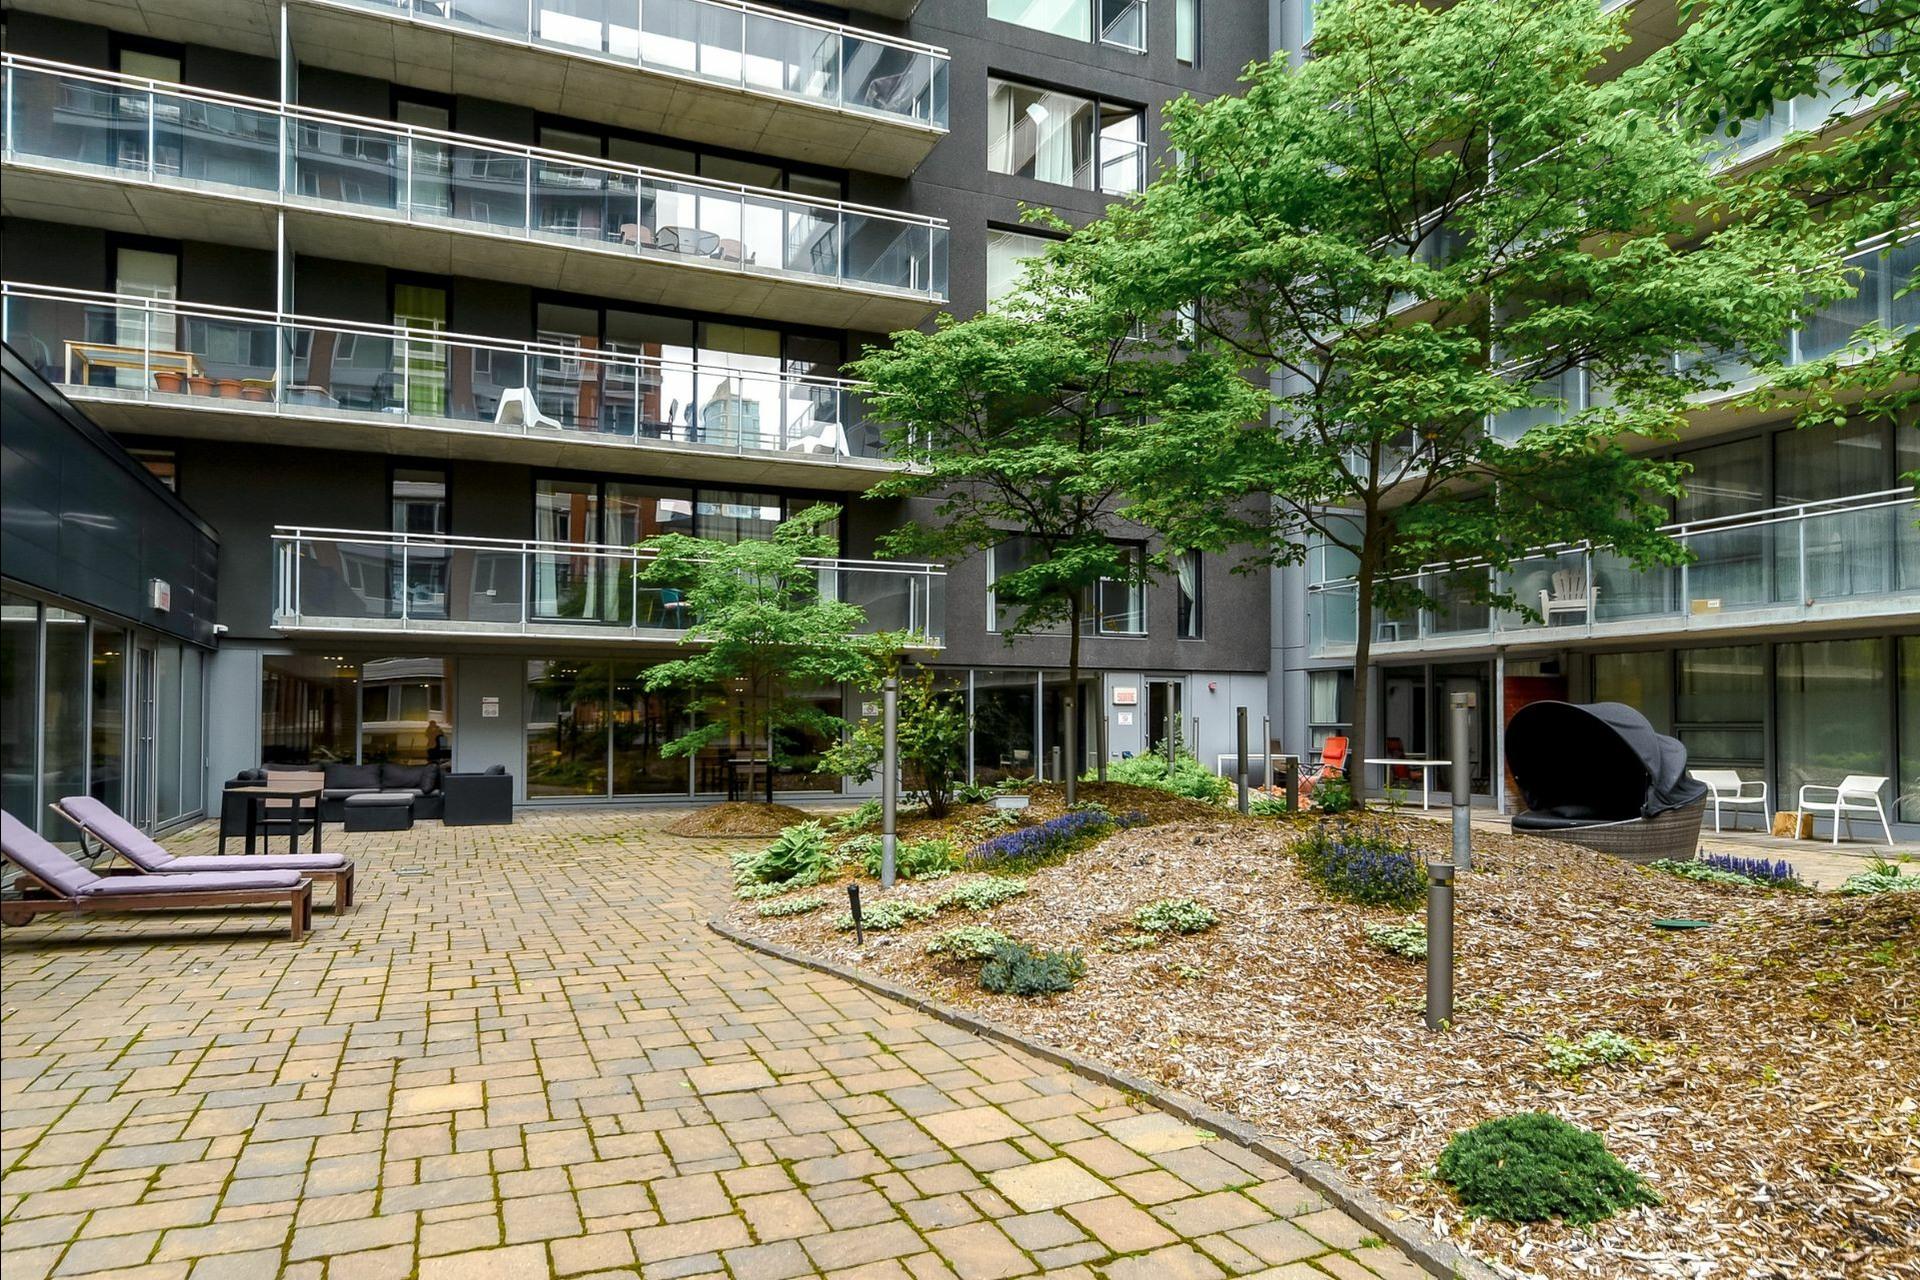 image 15 - Appartement À louer Ville-Marie Montréal  - 5 pièces